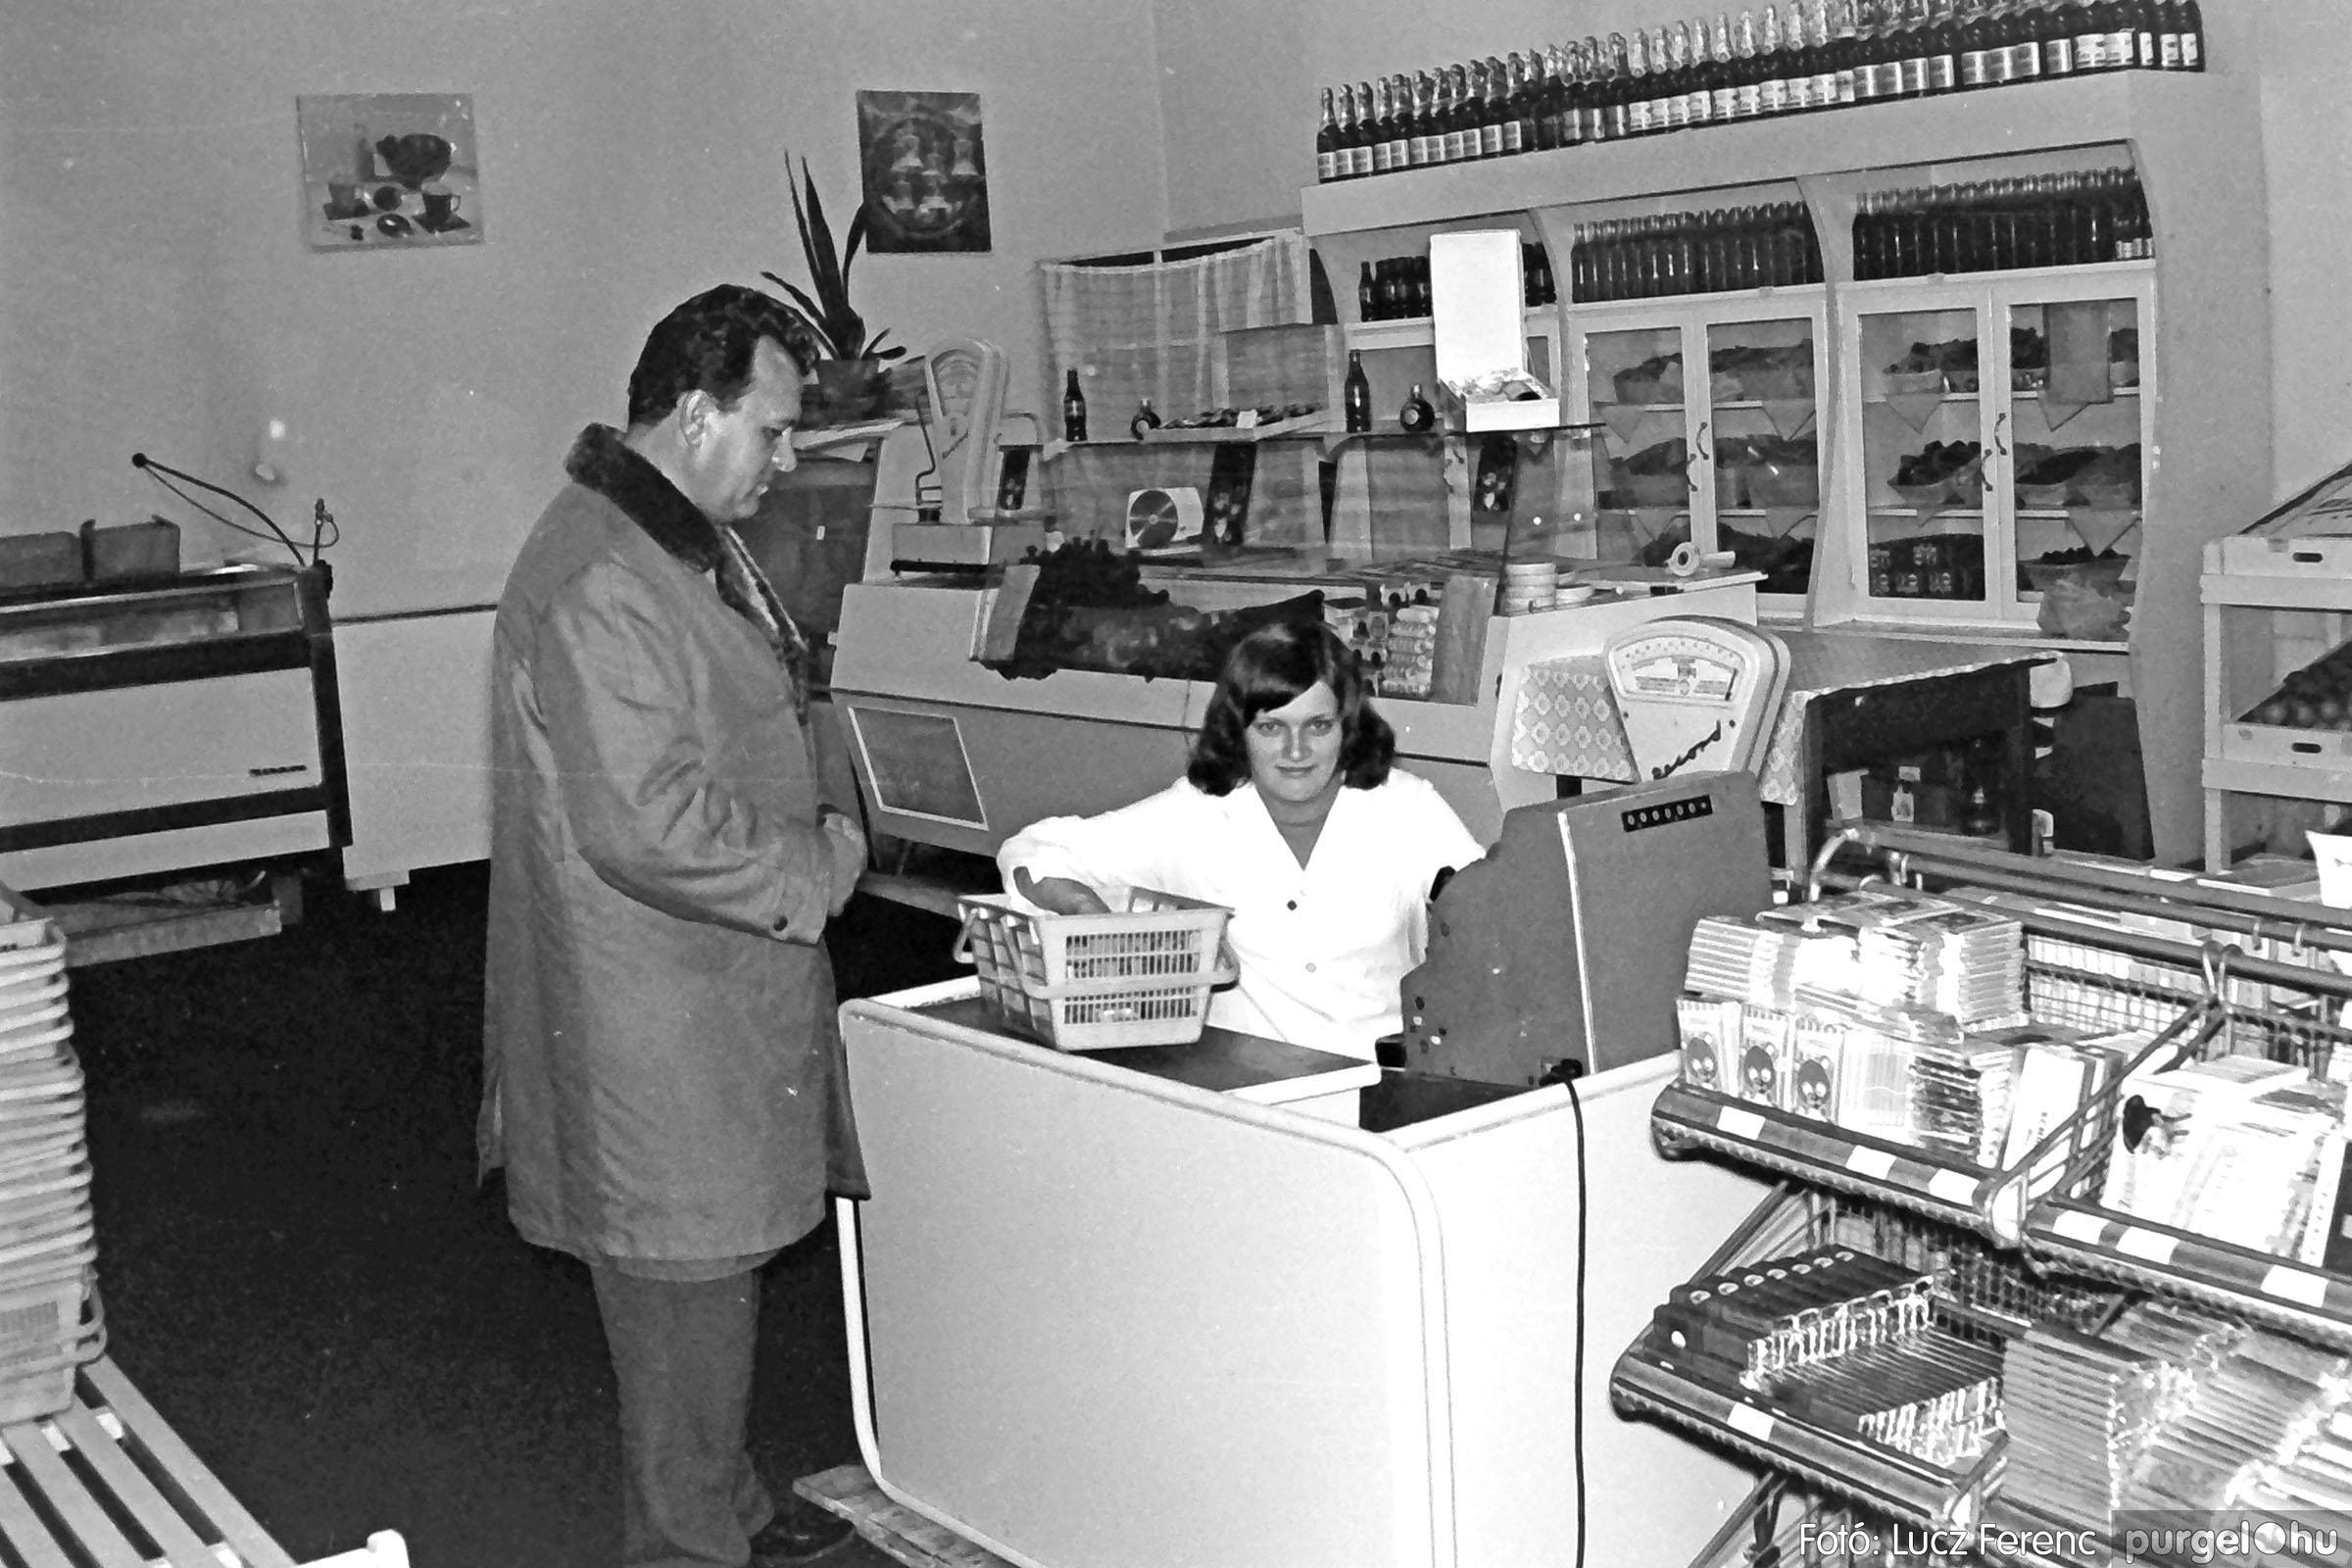 032. 1976. Önkiszolgáló a régi mozi helyén 005 - Fotó: Lucz Ferenc.jpg